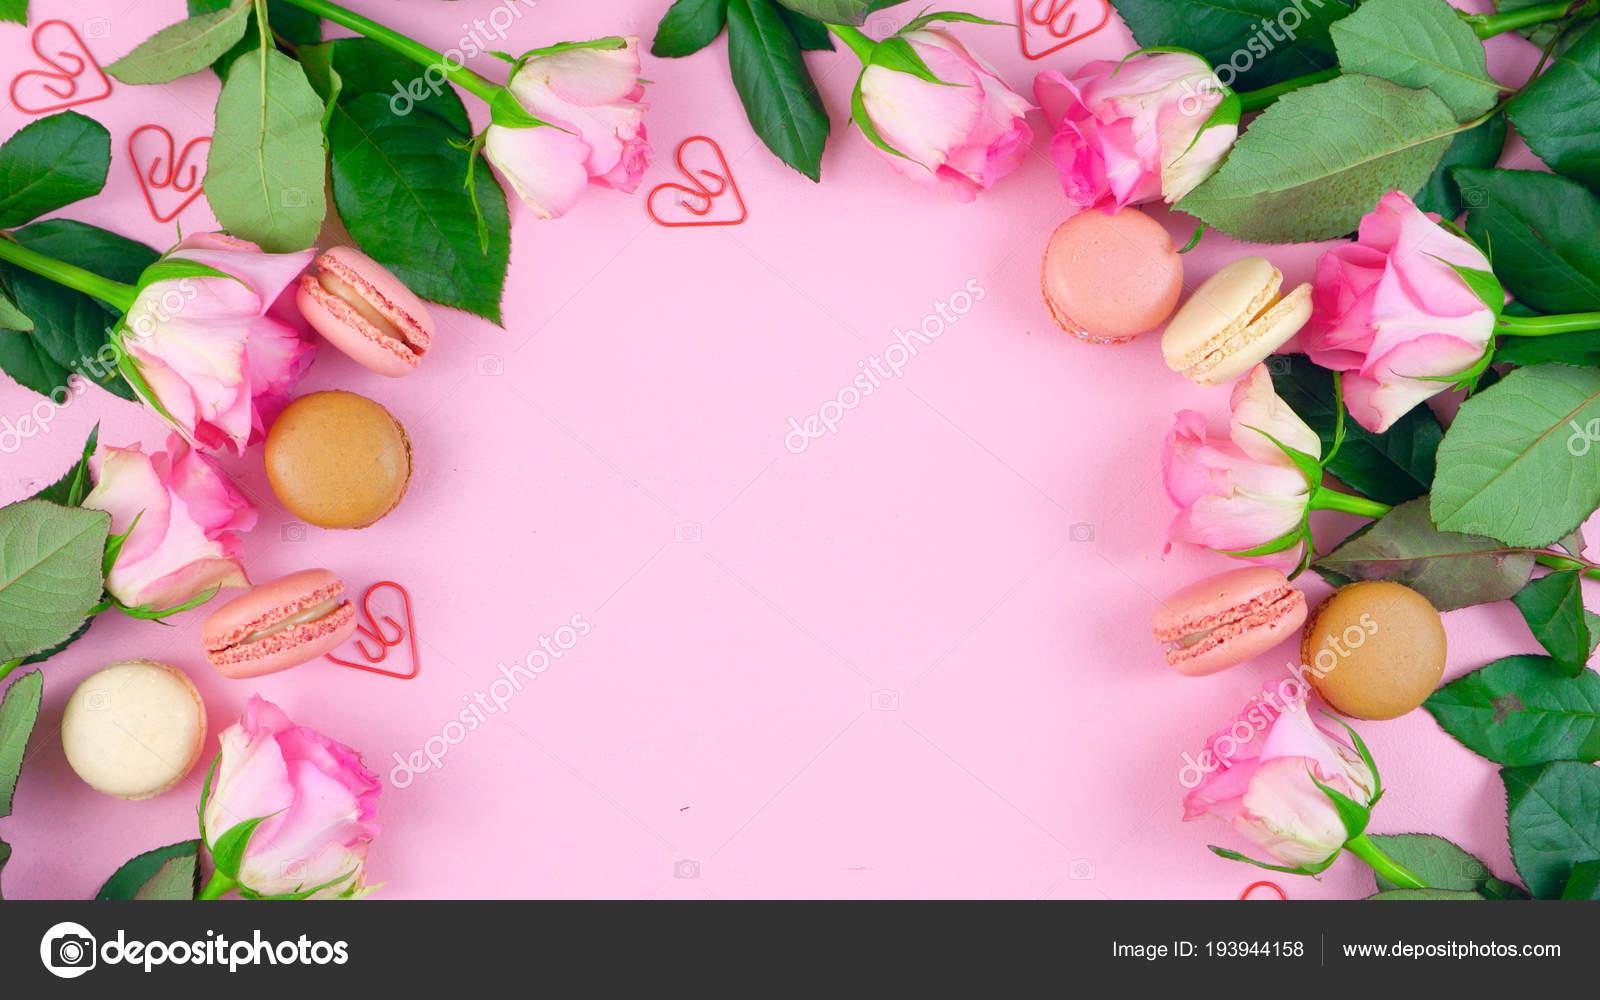 Fondo De Día De Las Madres De Rosas Y Galletas De Macaron